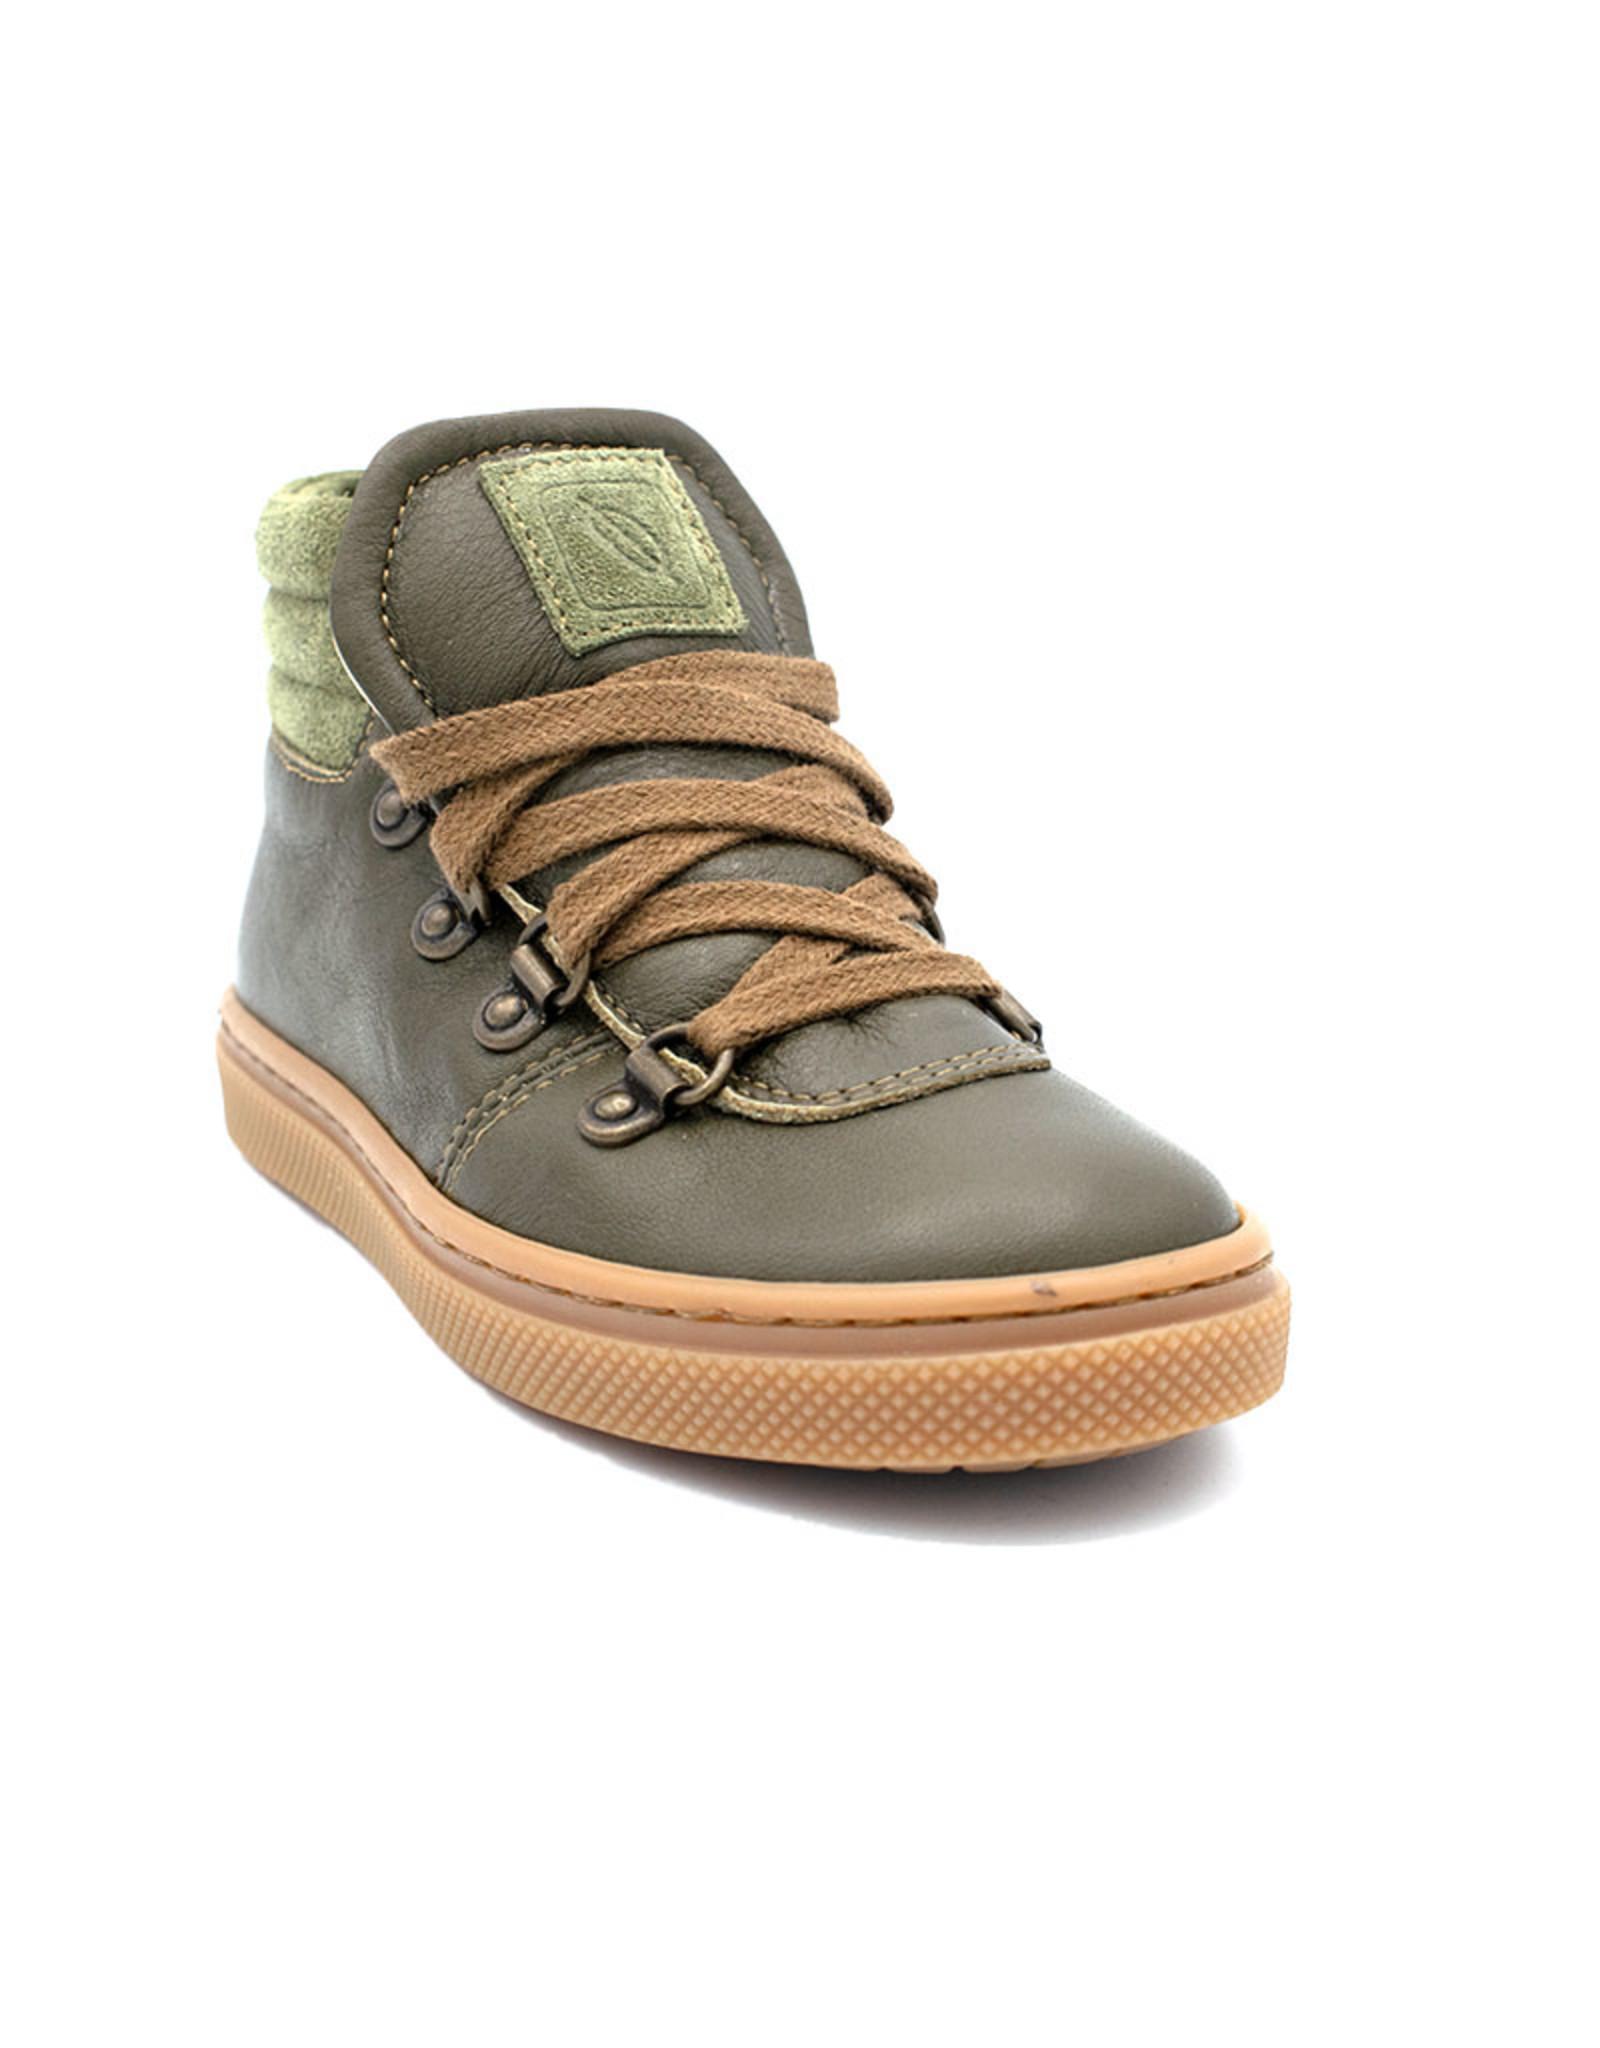 OCRA OCRA sneaker groen bergrijkoord